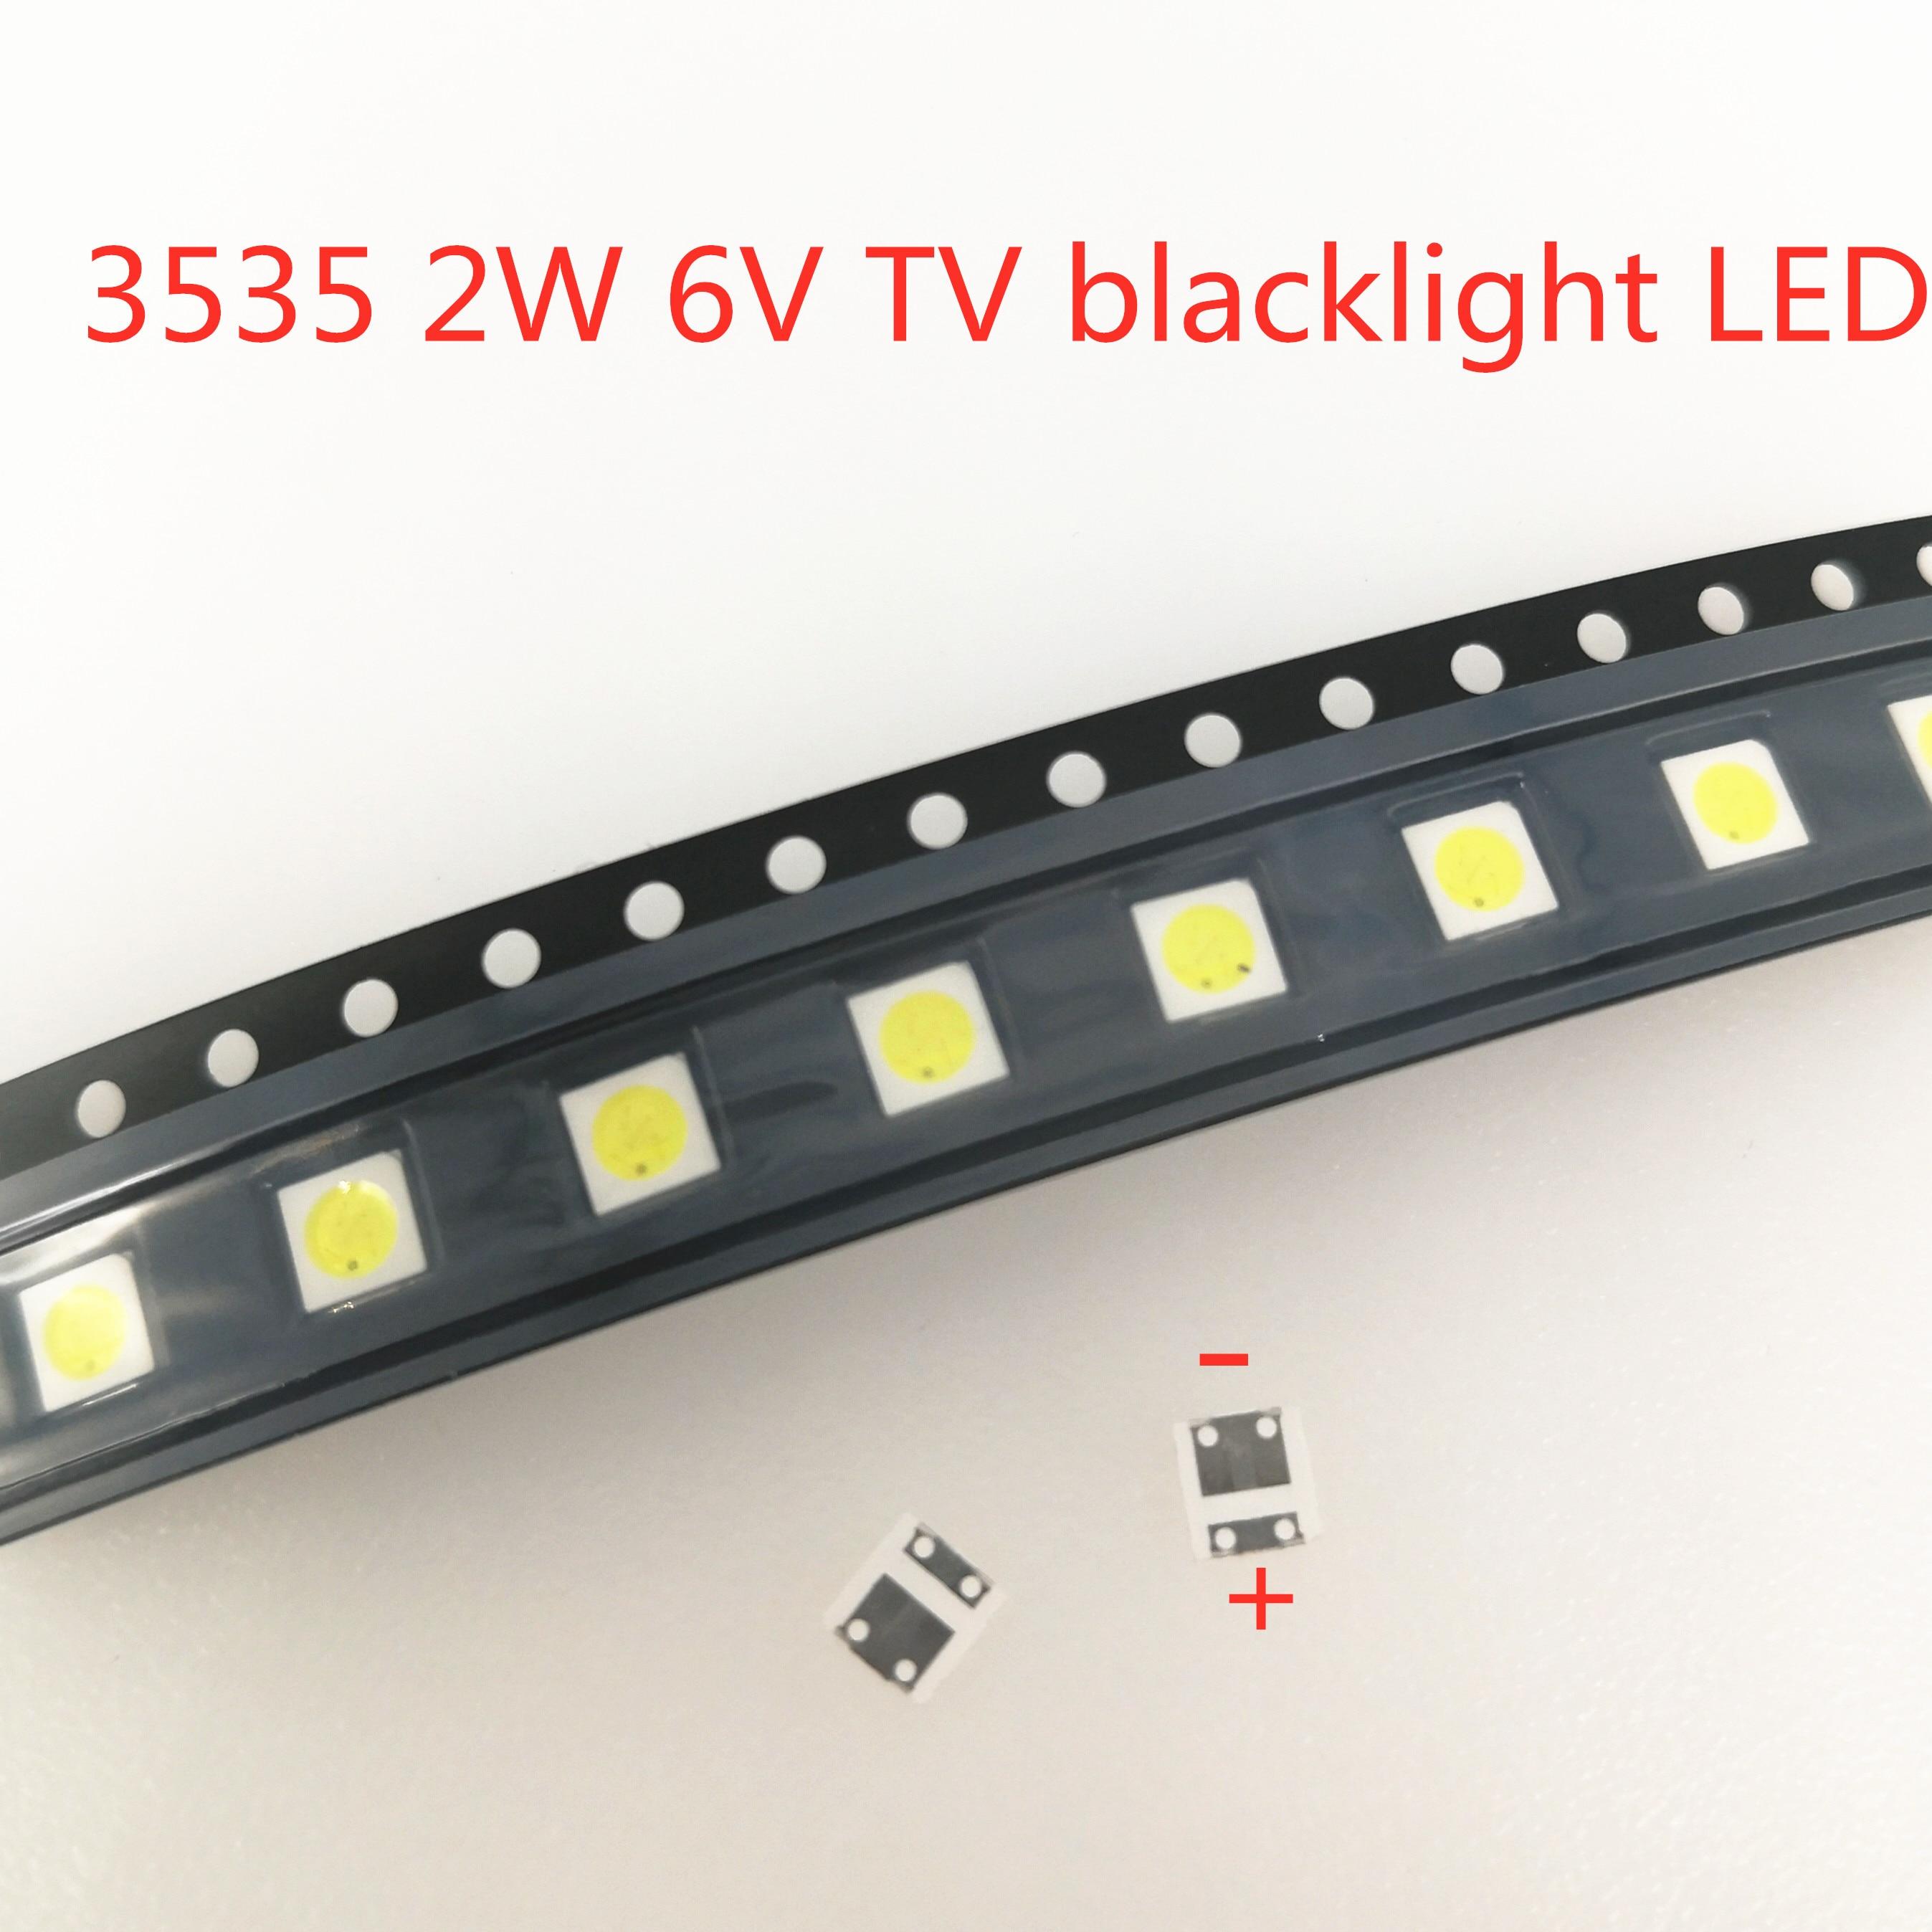 100pcs For LG Innotek LED New And  Original LED 2W 6V 3535 Cool White LCD Backlight For TV Application